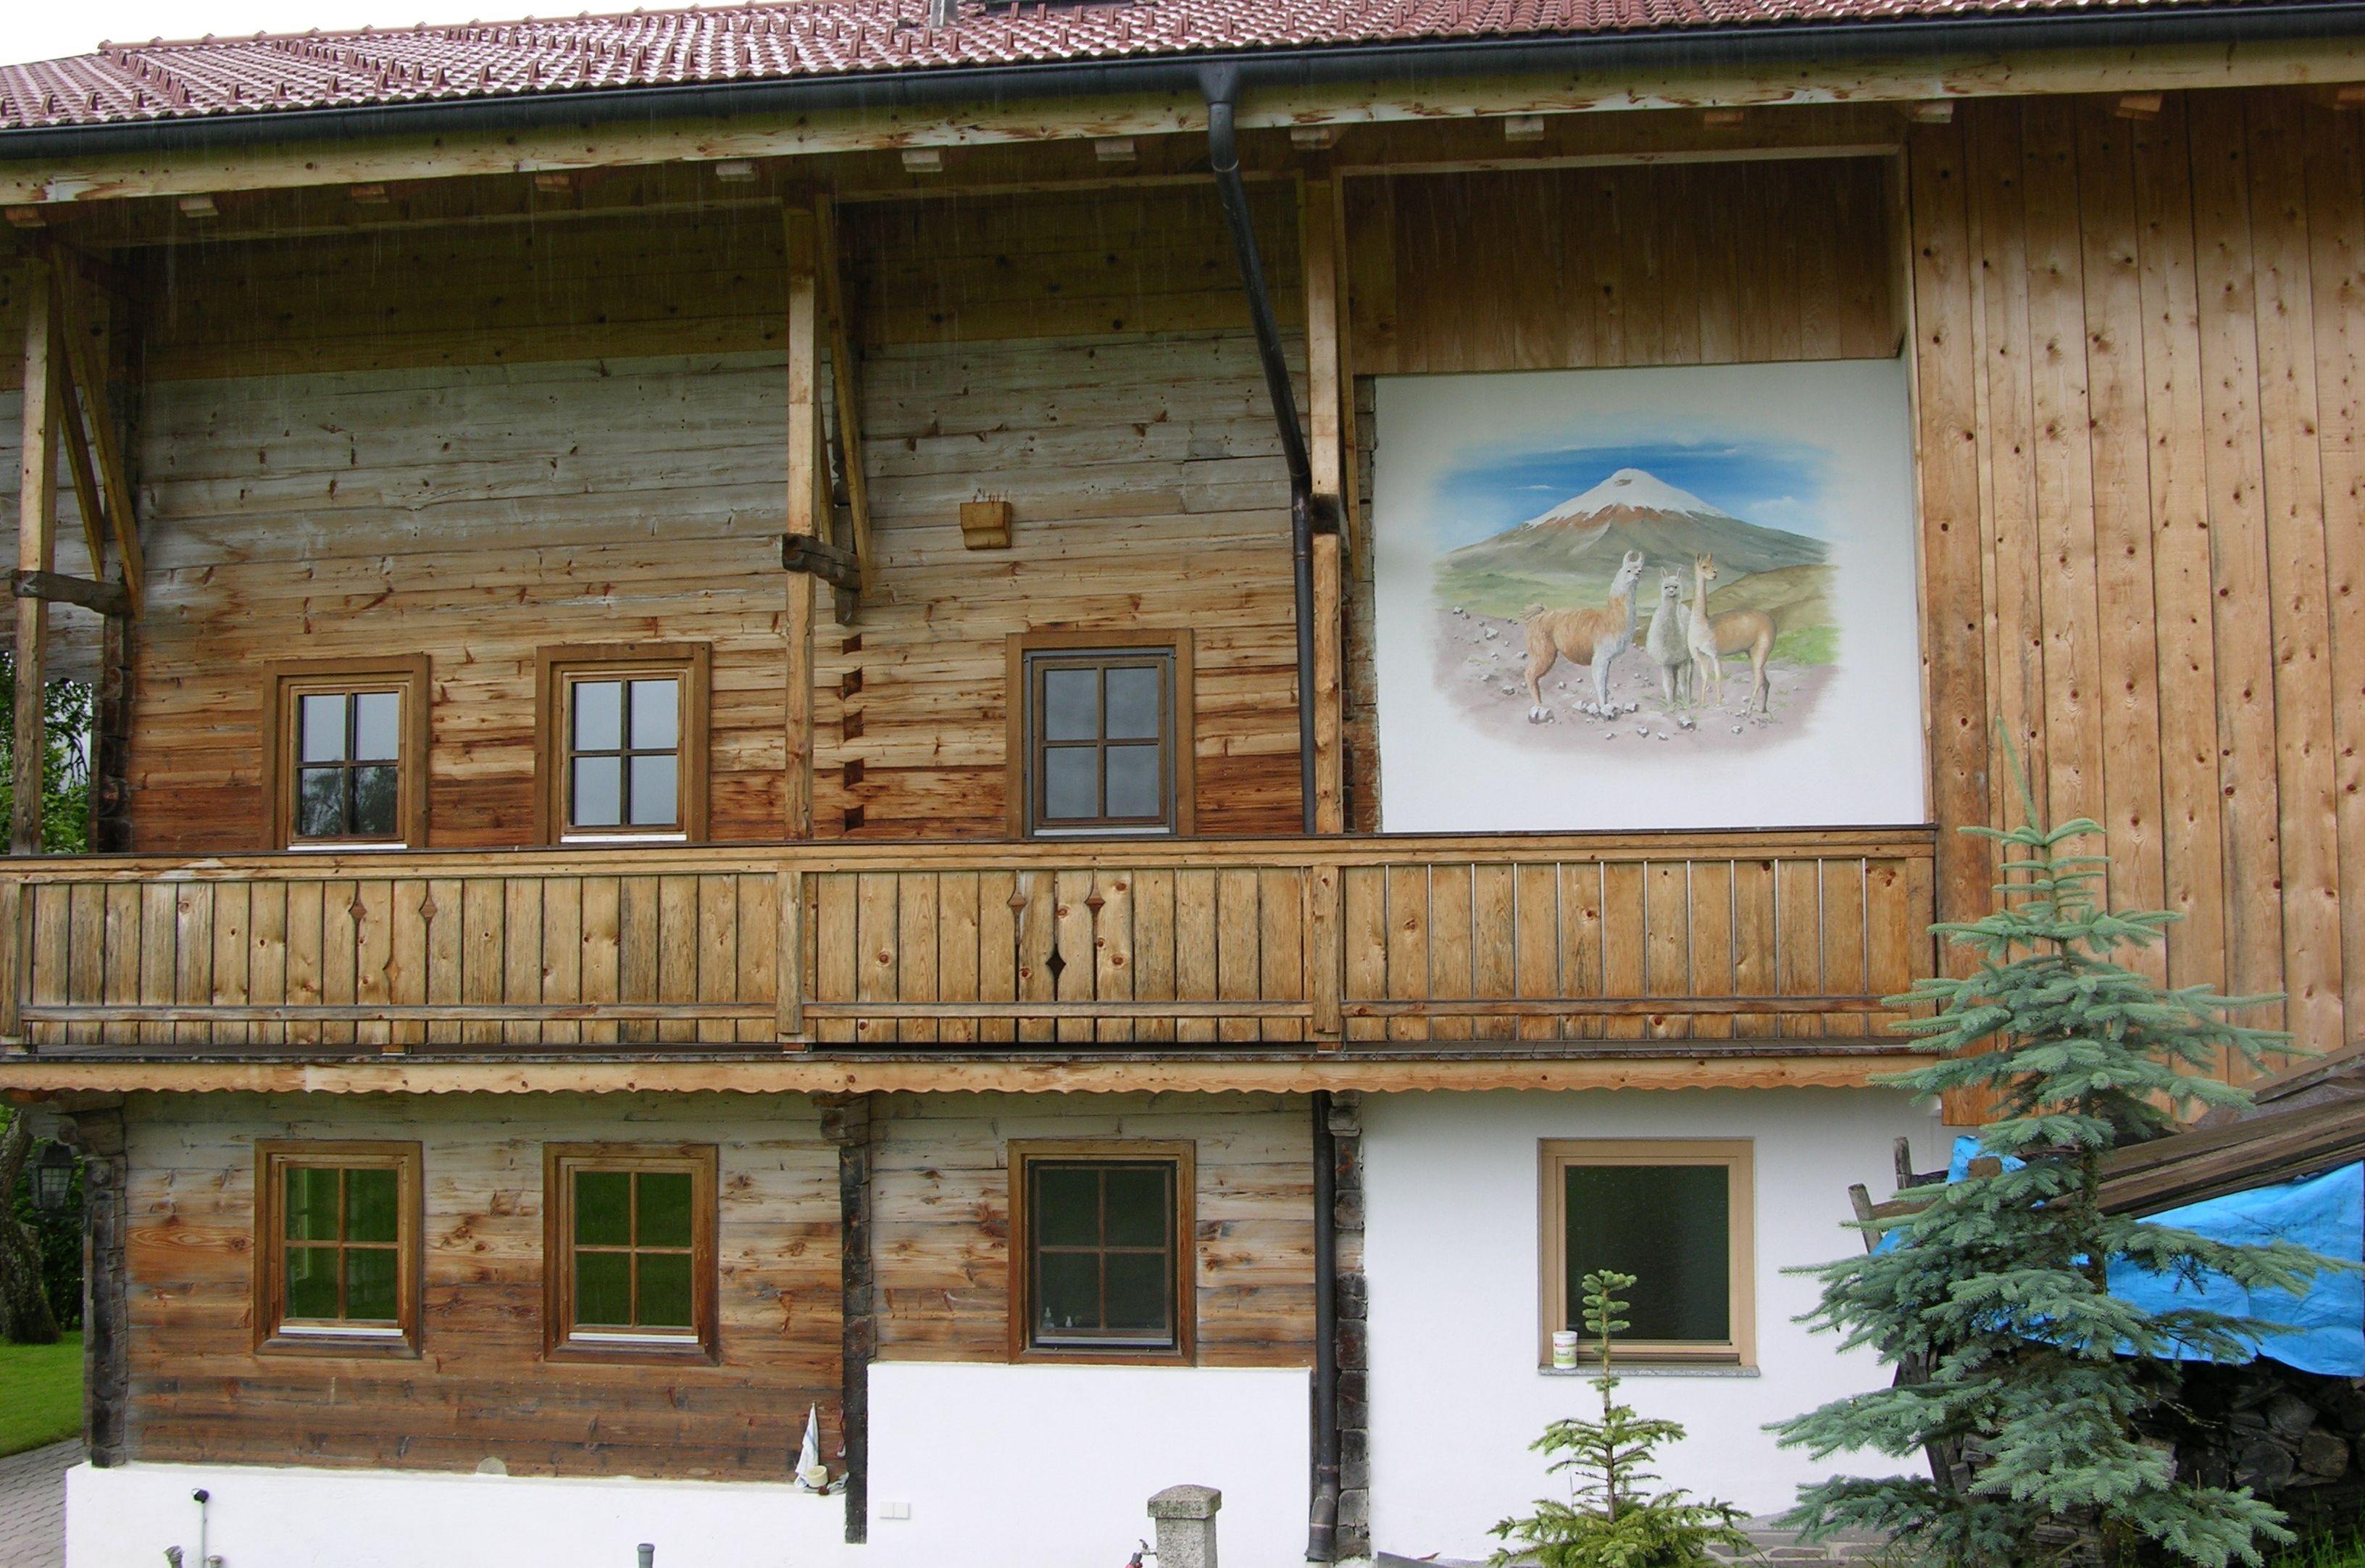 Wandgemälde mit Lama, Alpaka und Vicunha in A-6361 Penningberg in Tirol von uns auf die Fassade eines alten restaurierten Bauernhofs gemalt